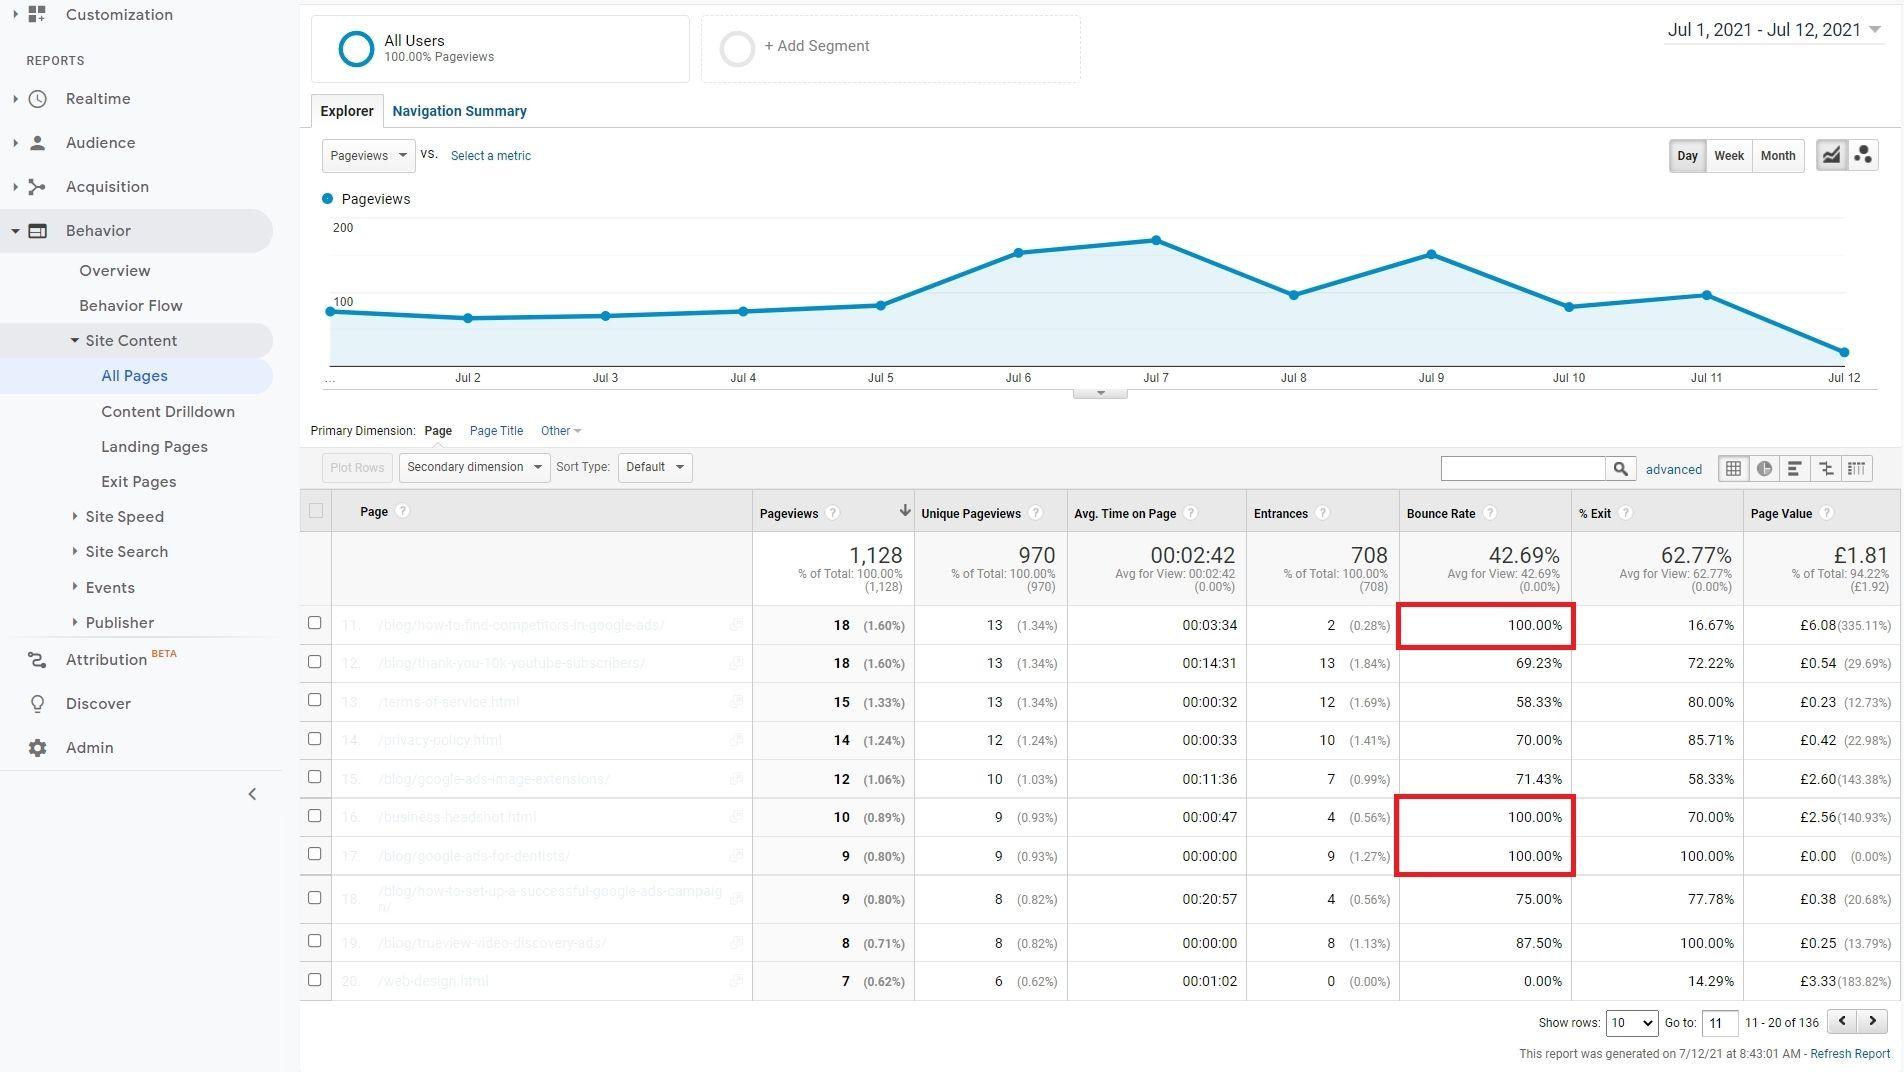 Google Analytics Data Analysis